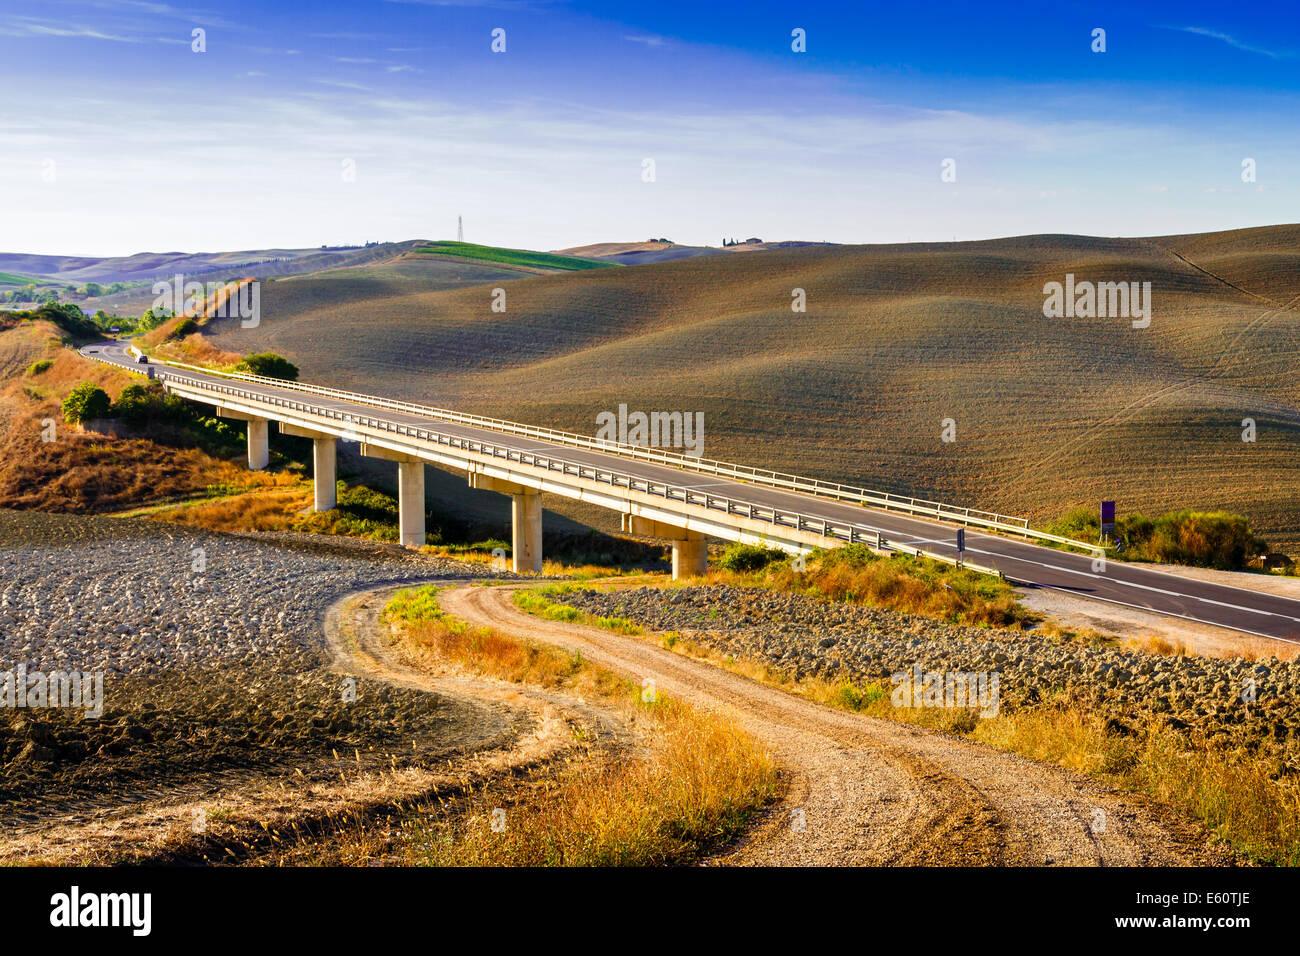 Pont et collines dans une journée d'été dans la région de Crete Senesi en Toscane, Italie Photo Stock